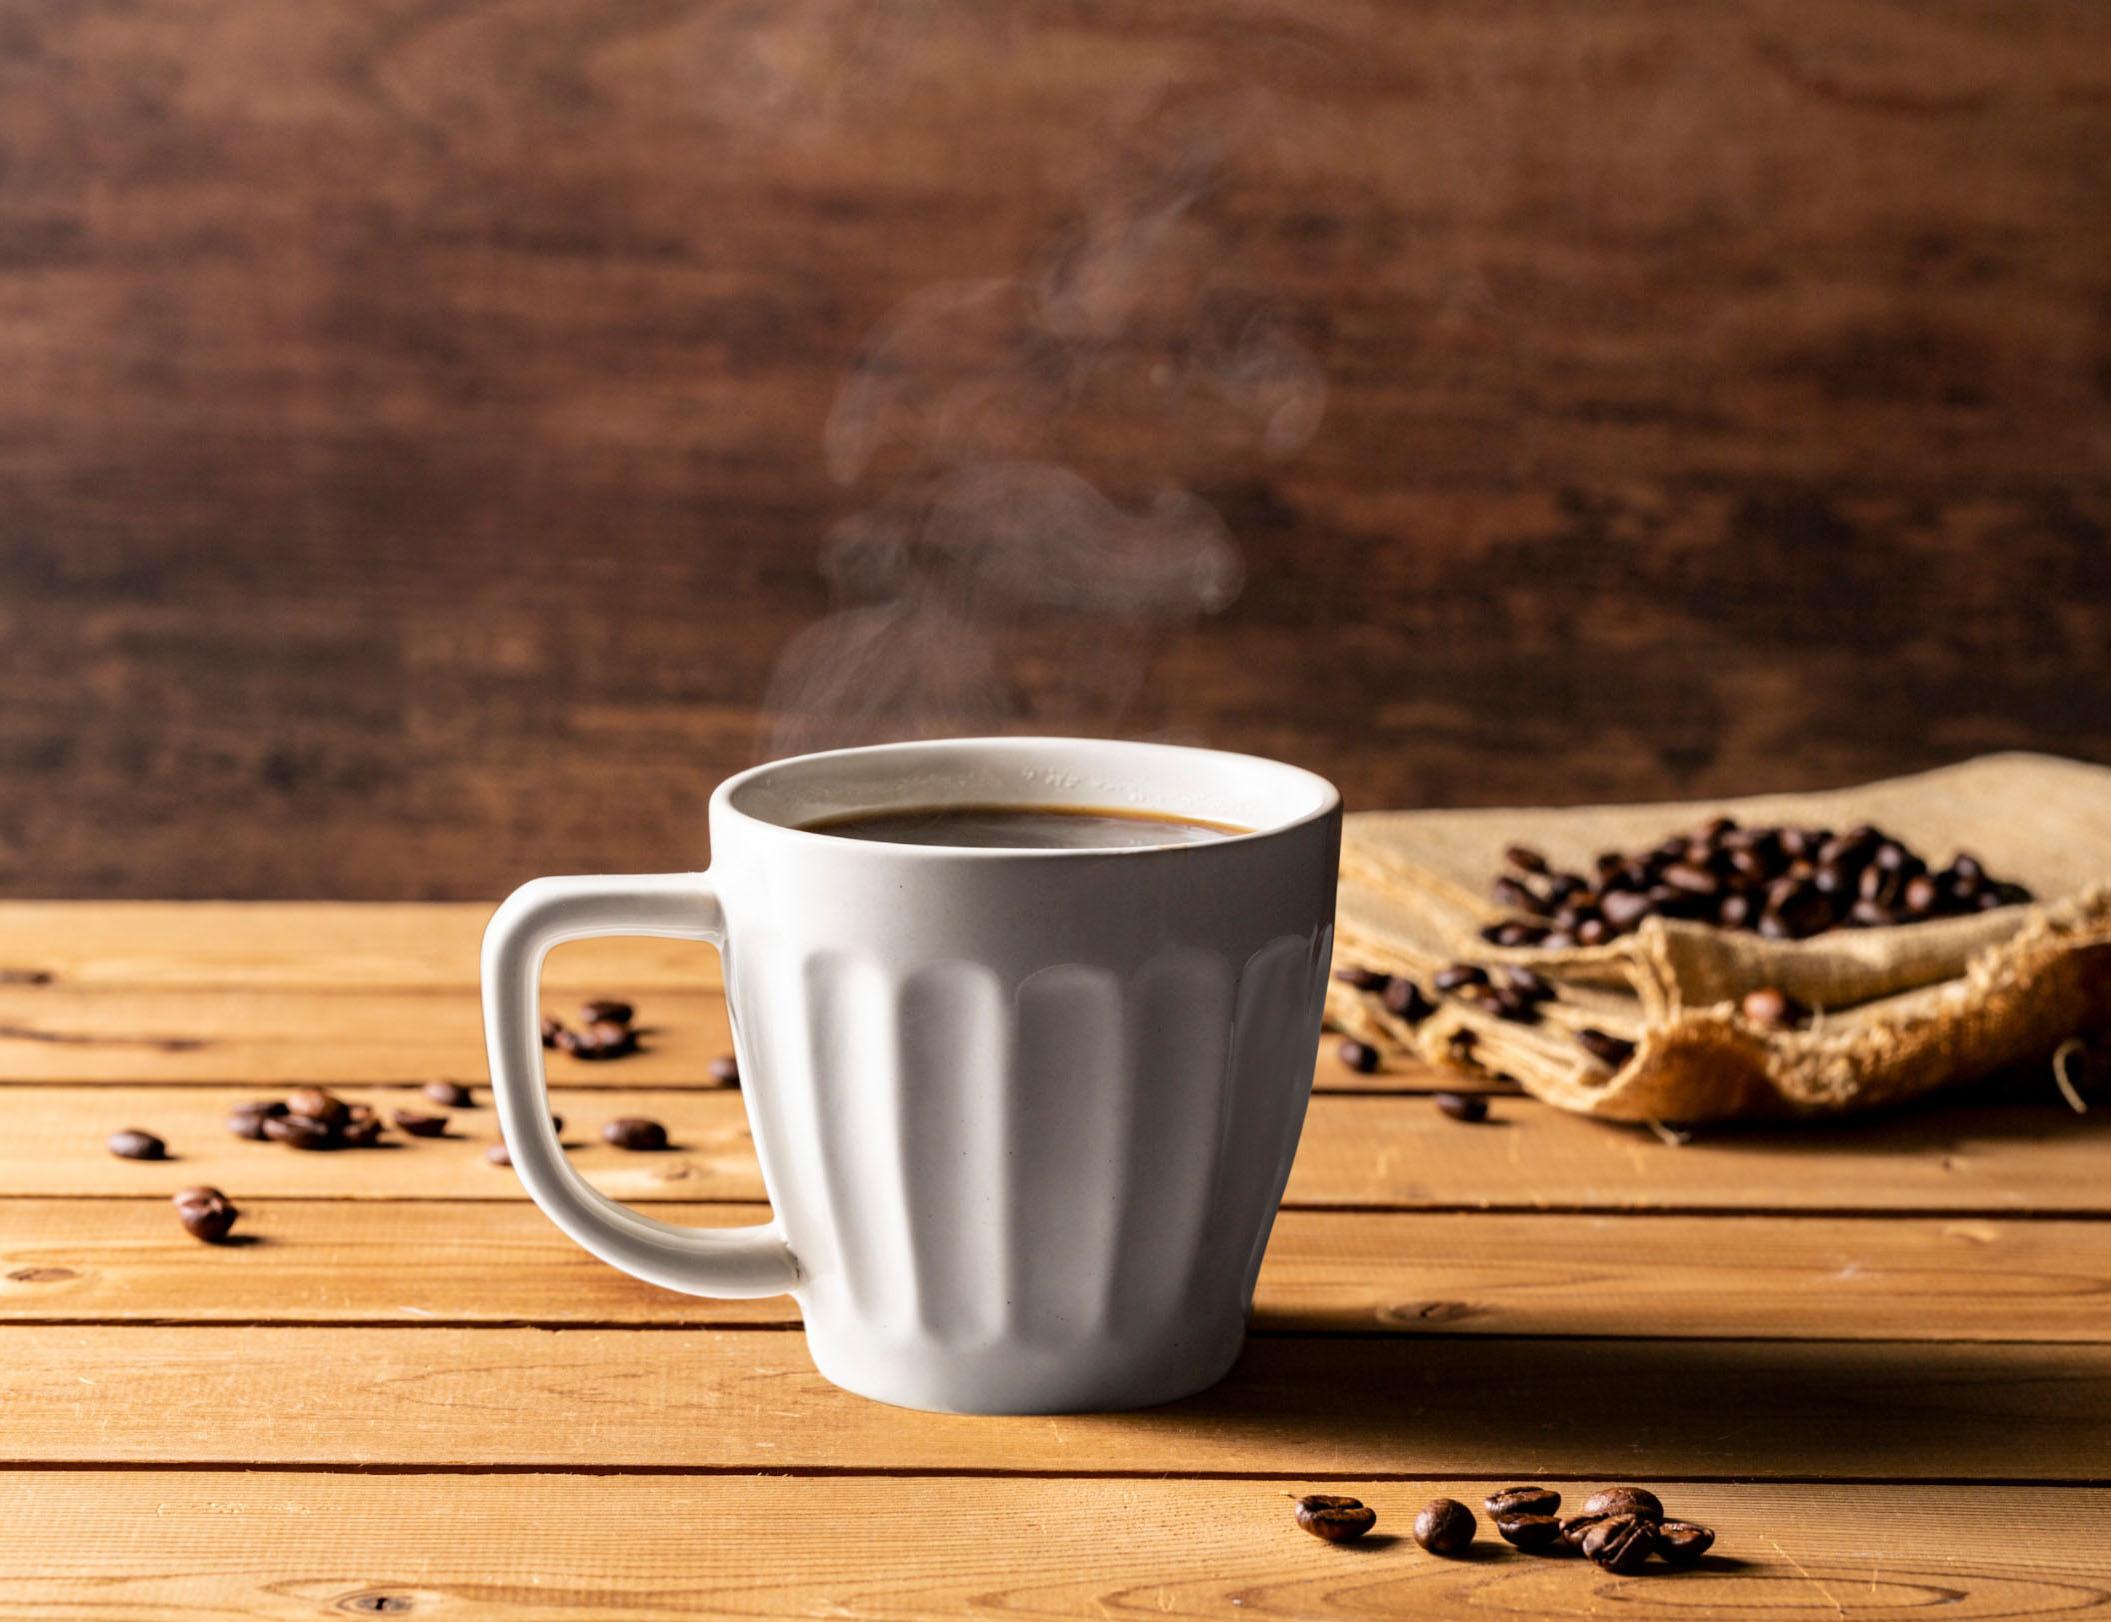 コーヒー オブジェクトVR